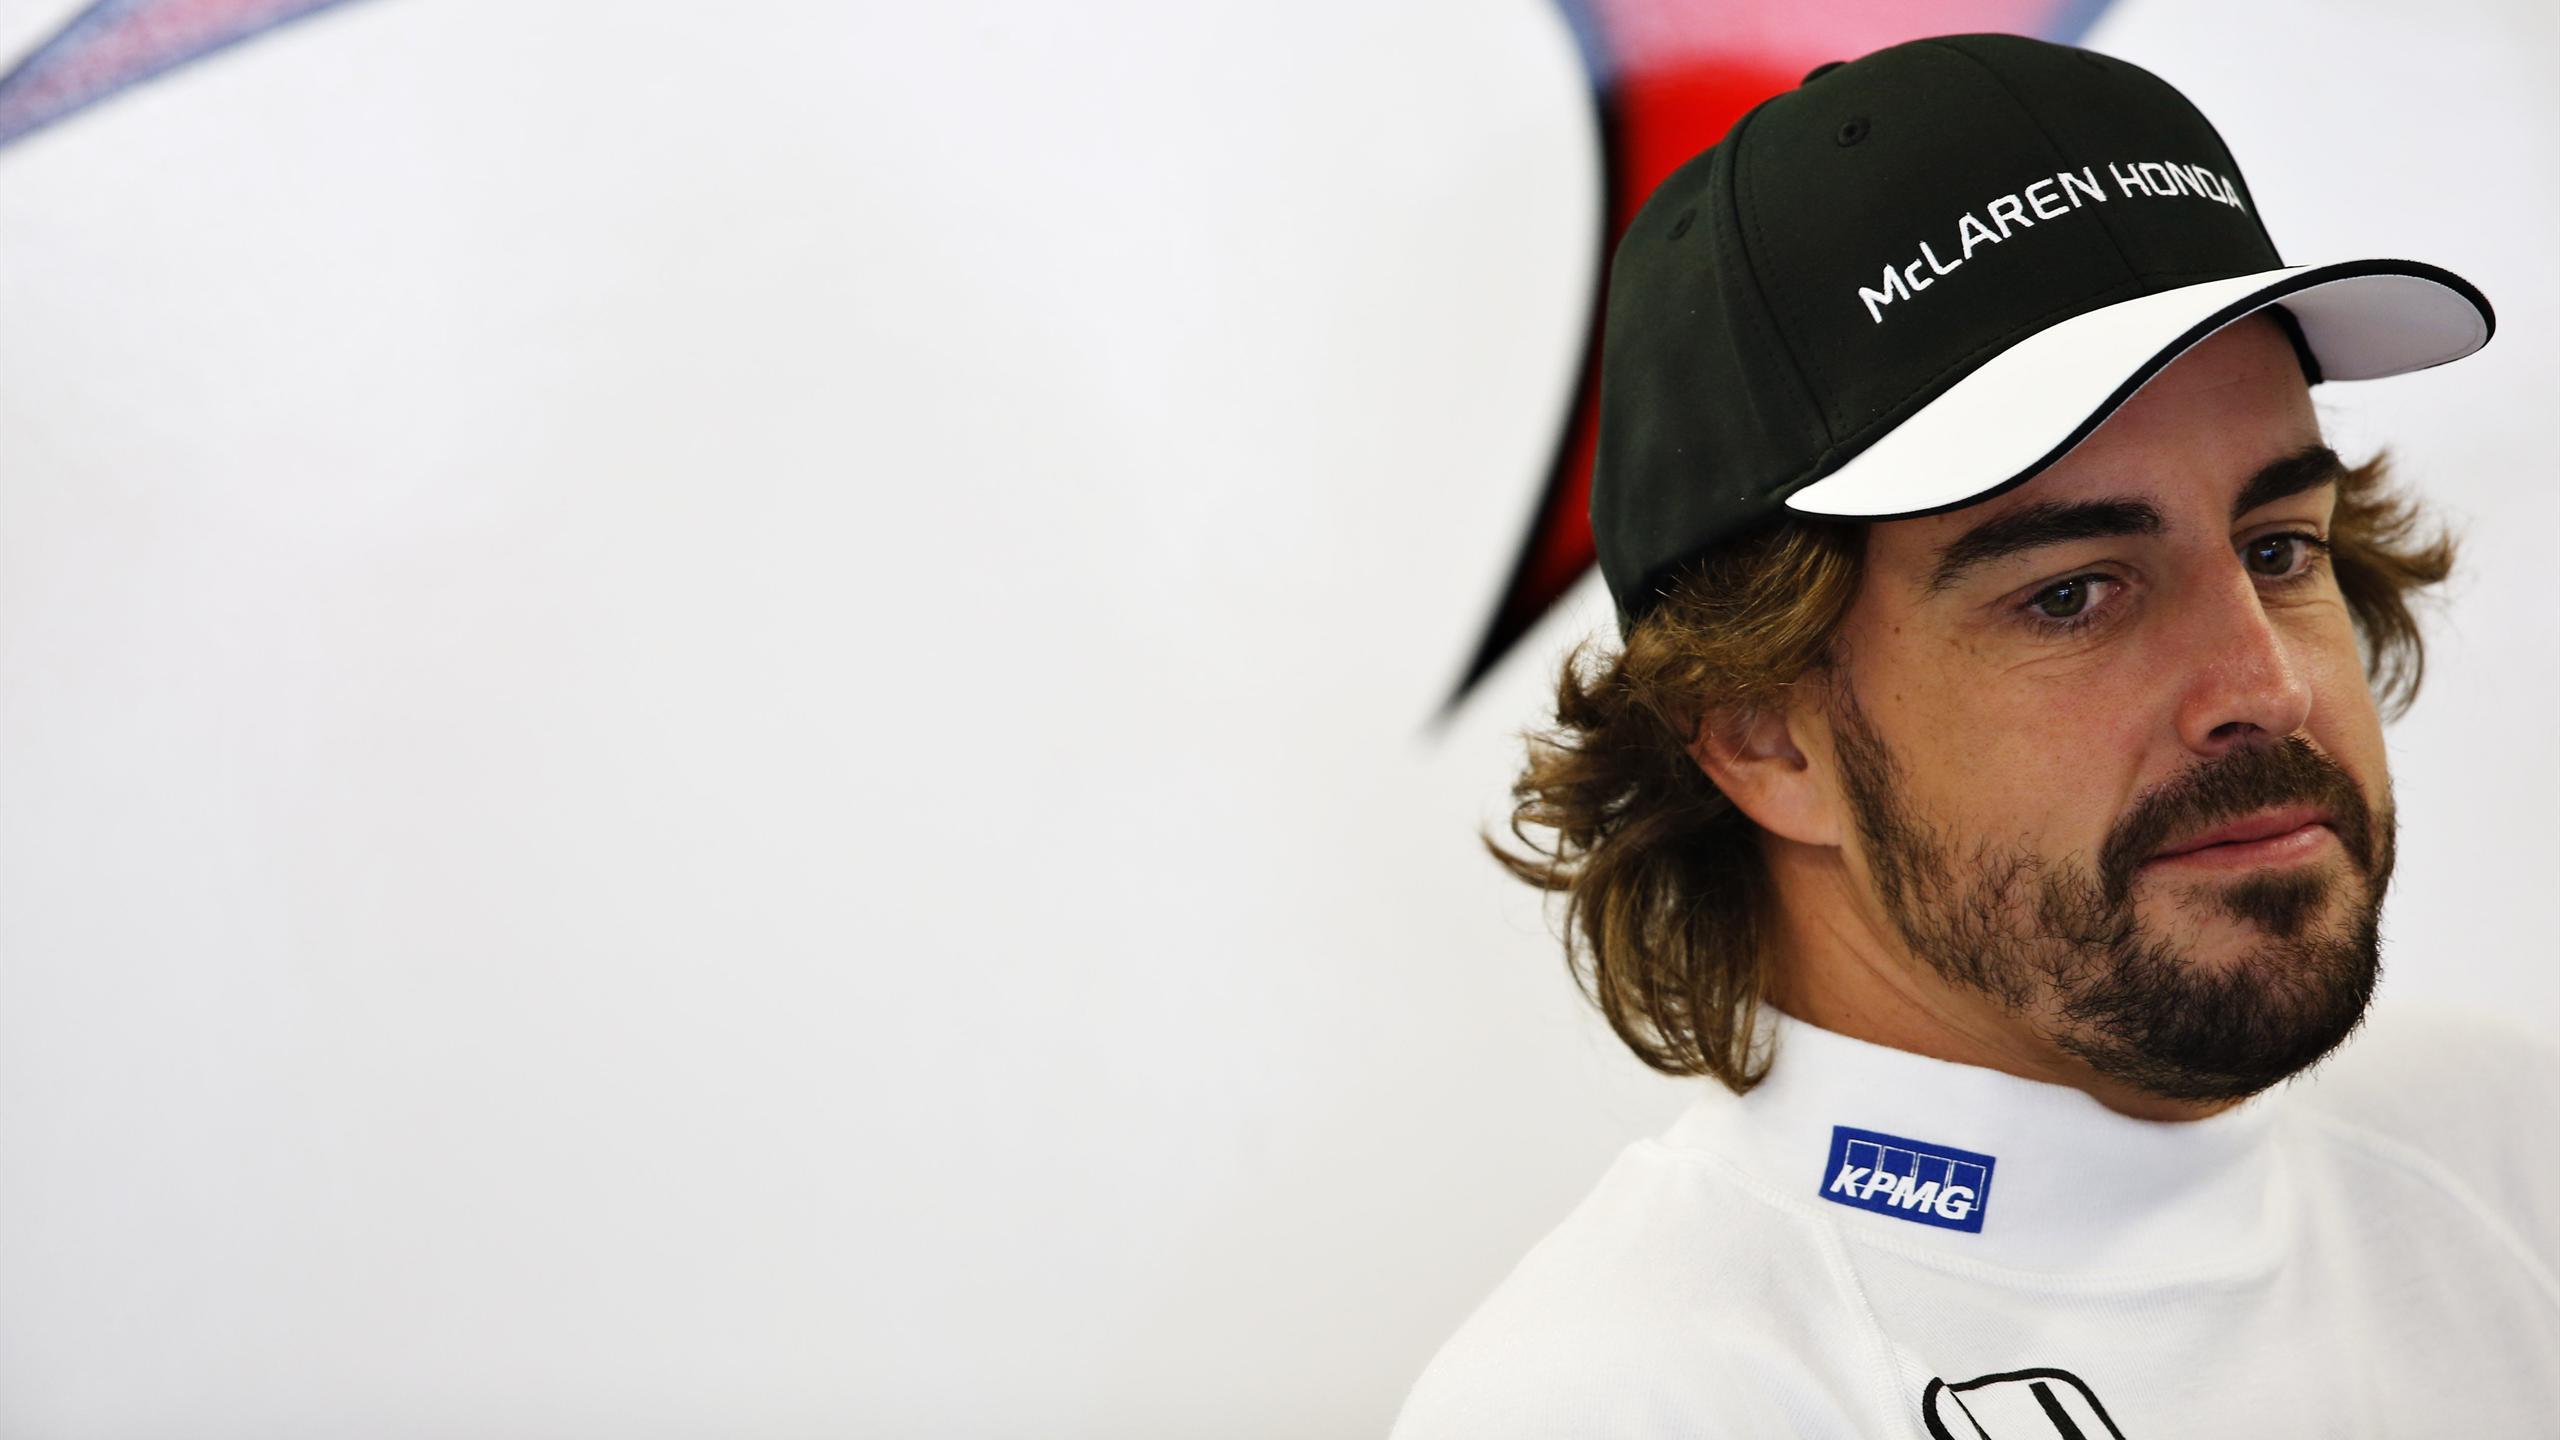 Fernando Alonso (McLaren) au Grand Prix de Russie 2015